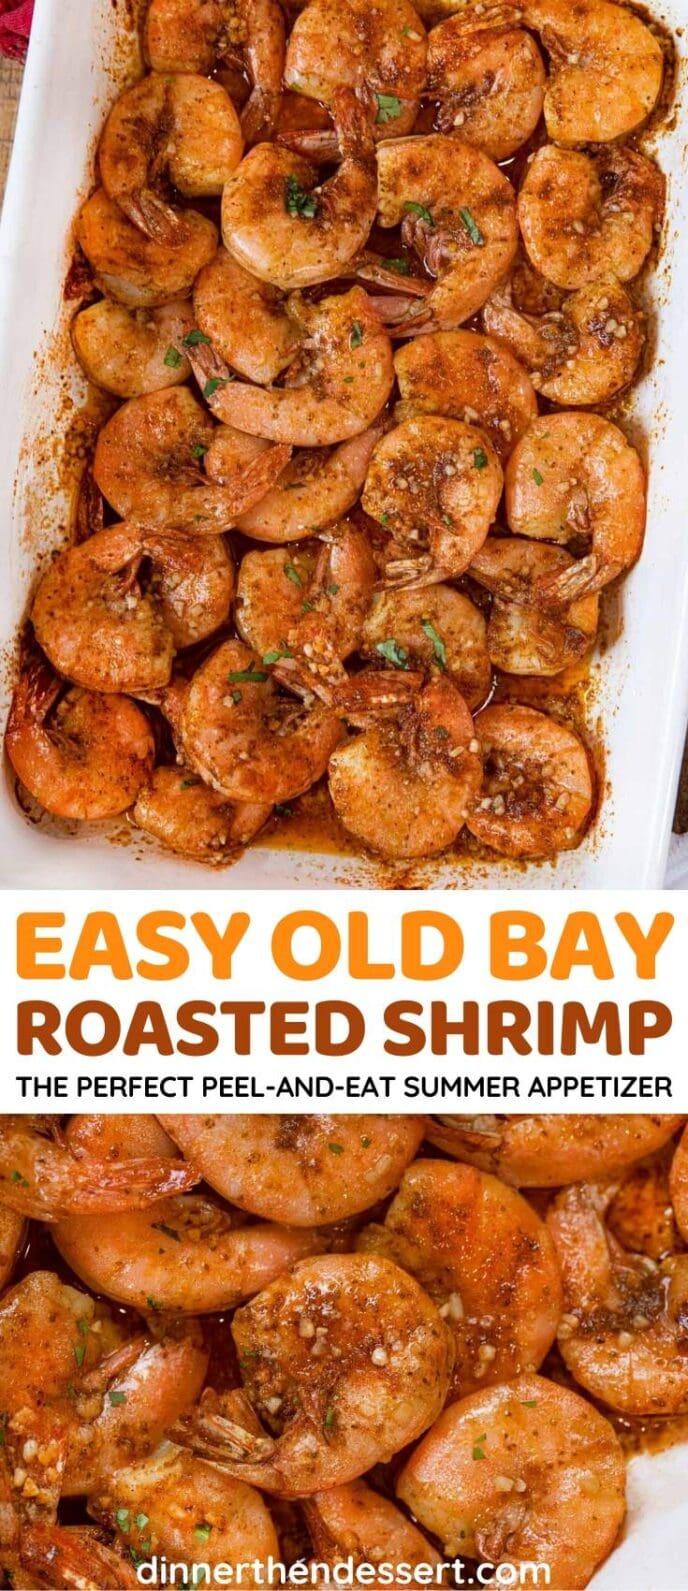 Old Bay Roasted Shrimp collage